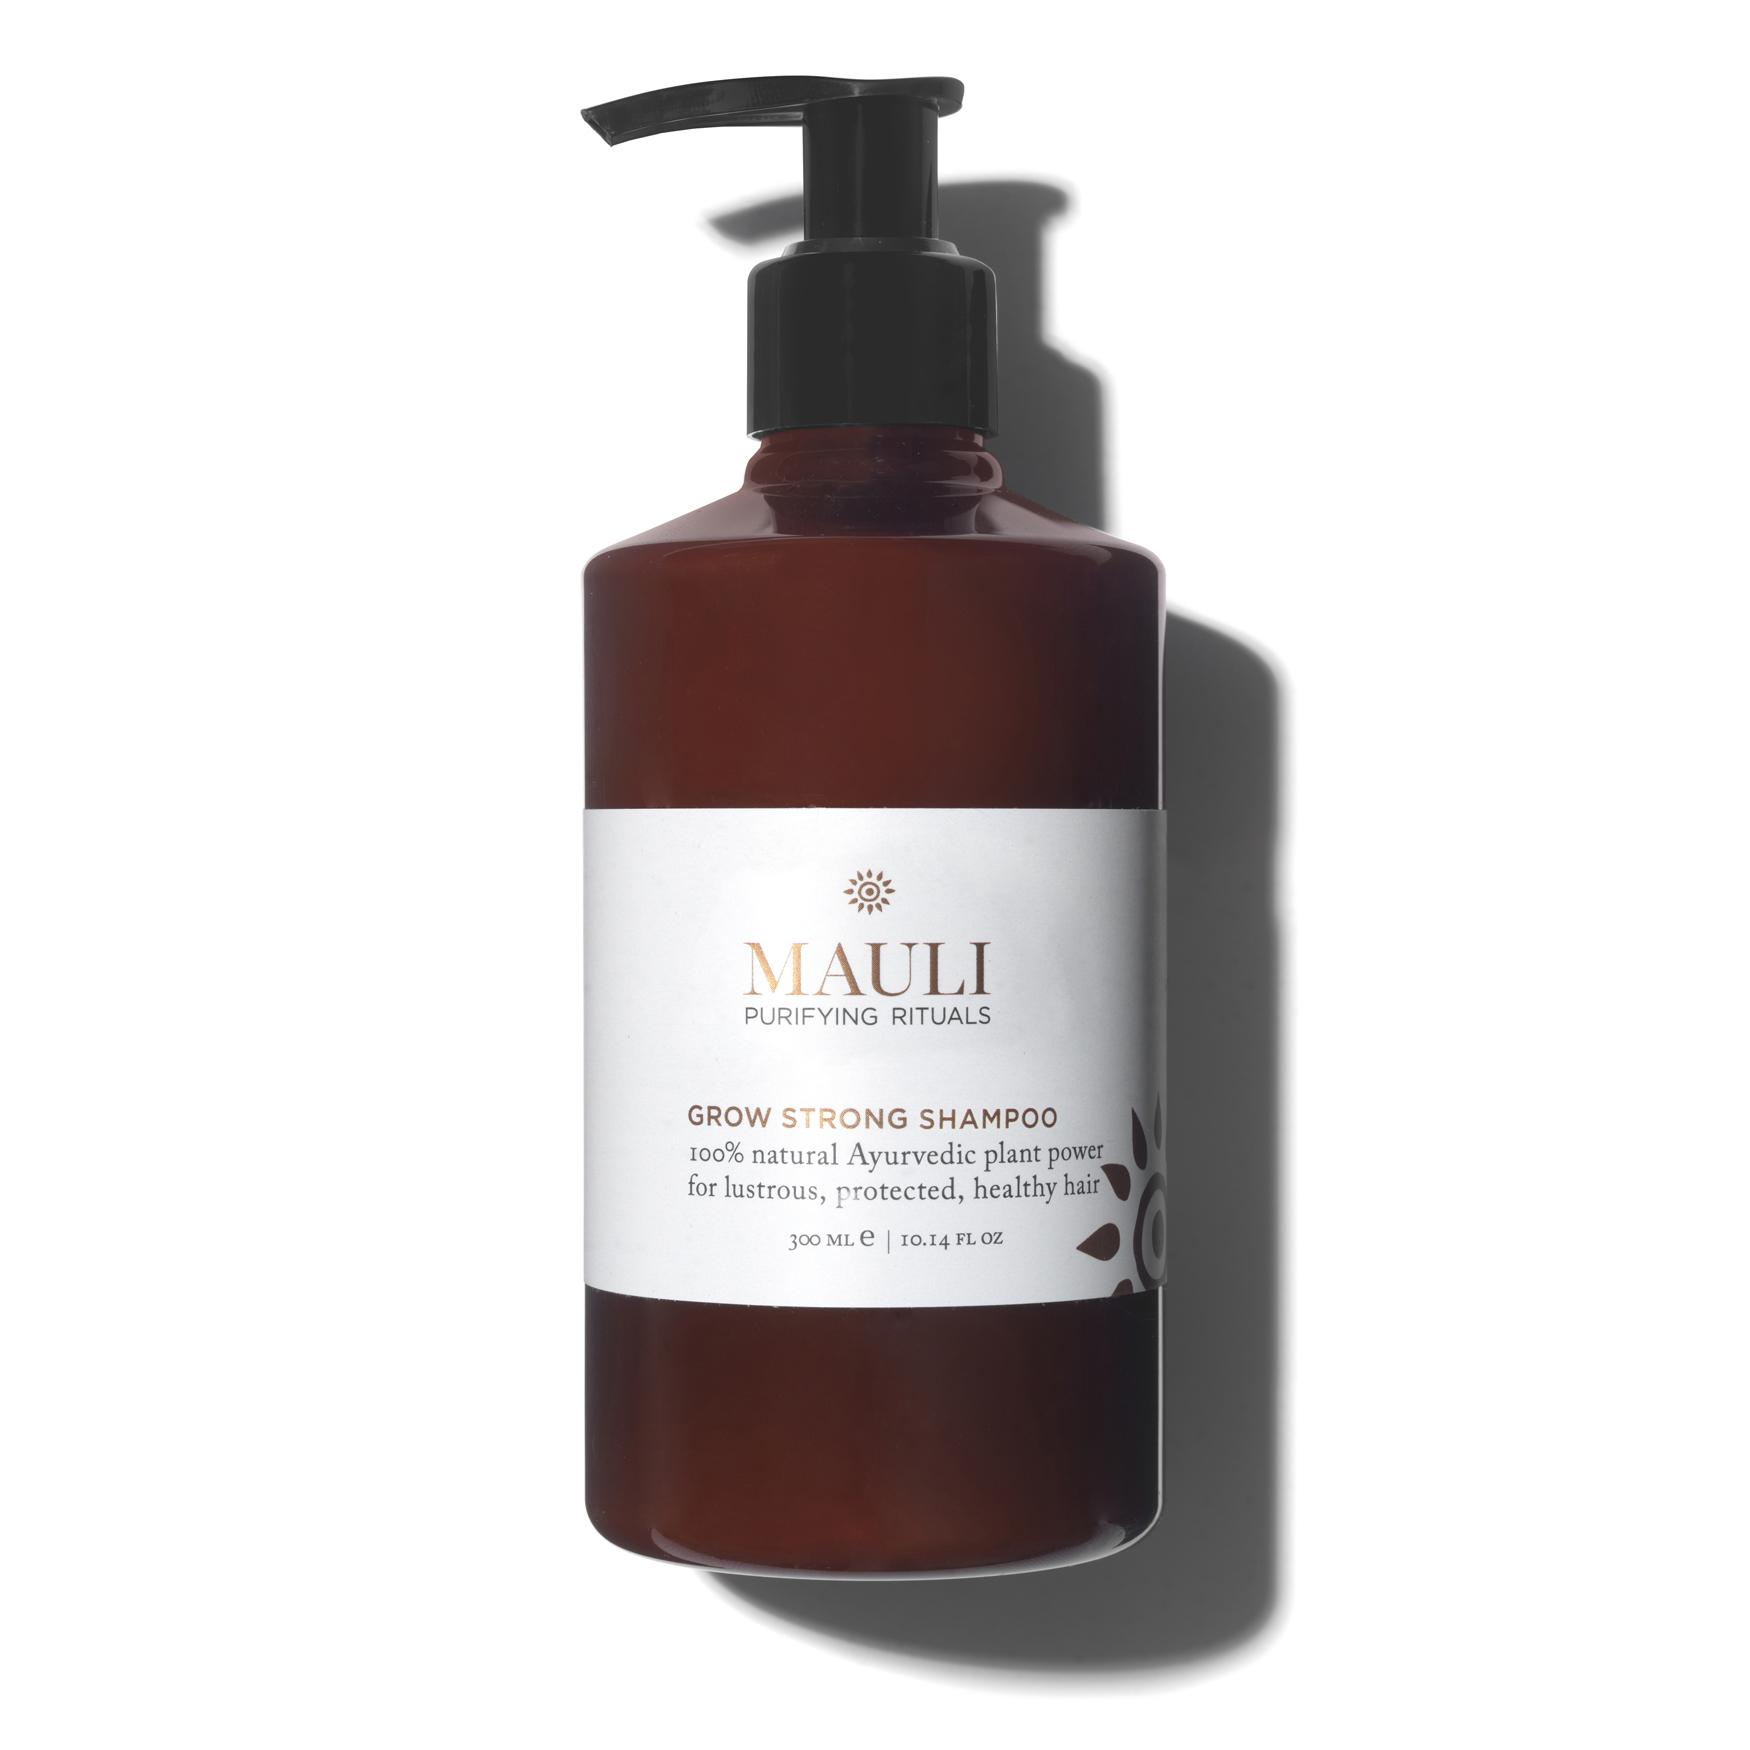 0c04f43cd72e5 Mauli Grow Strong Shampoo - Space.NK - GBP